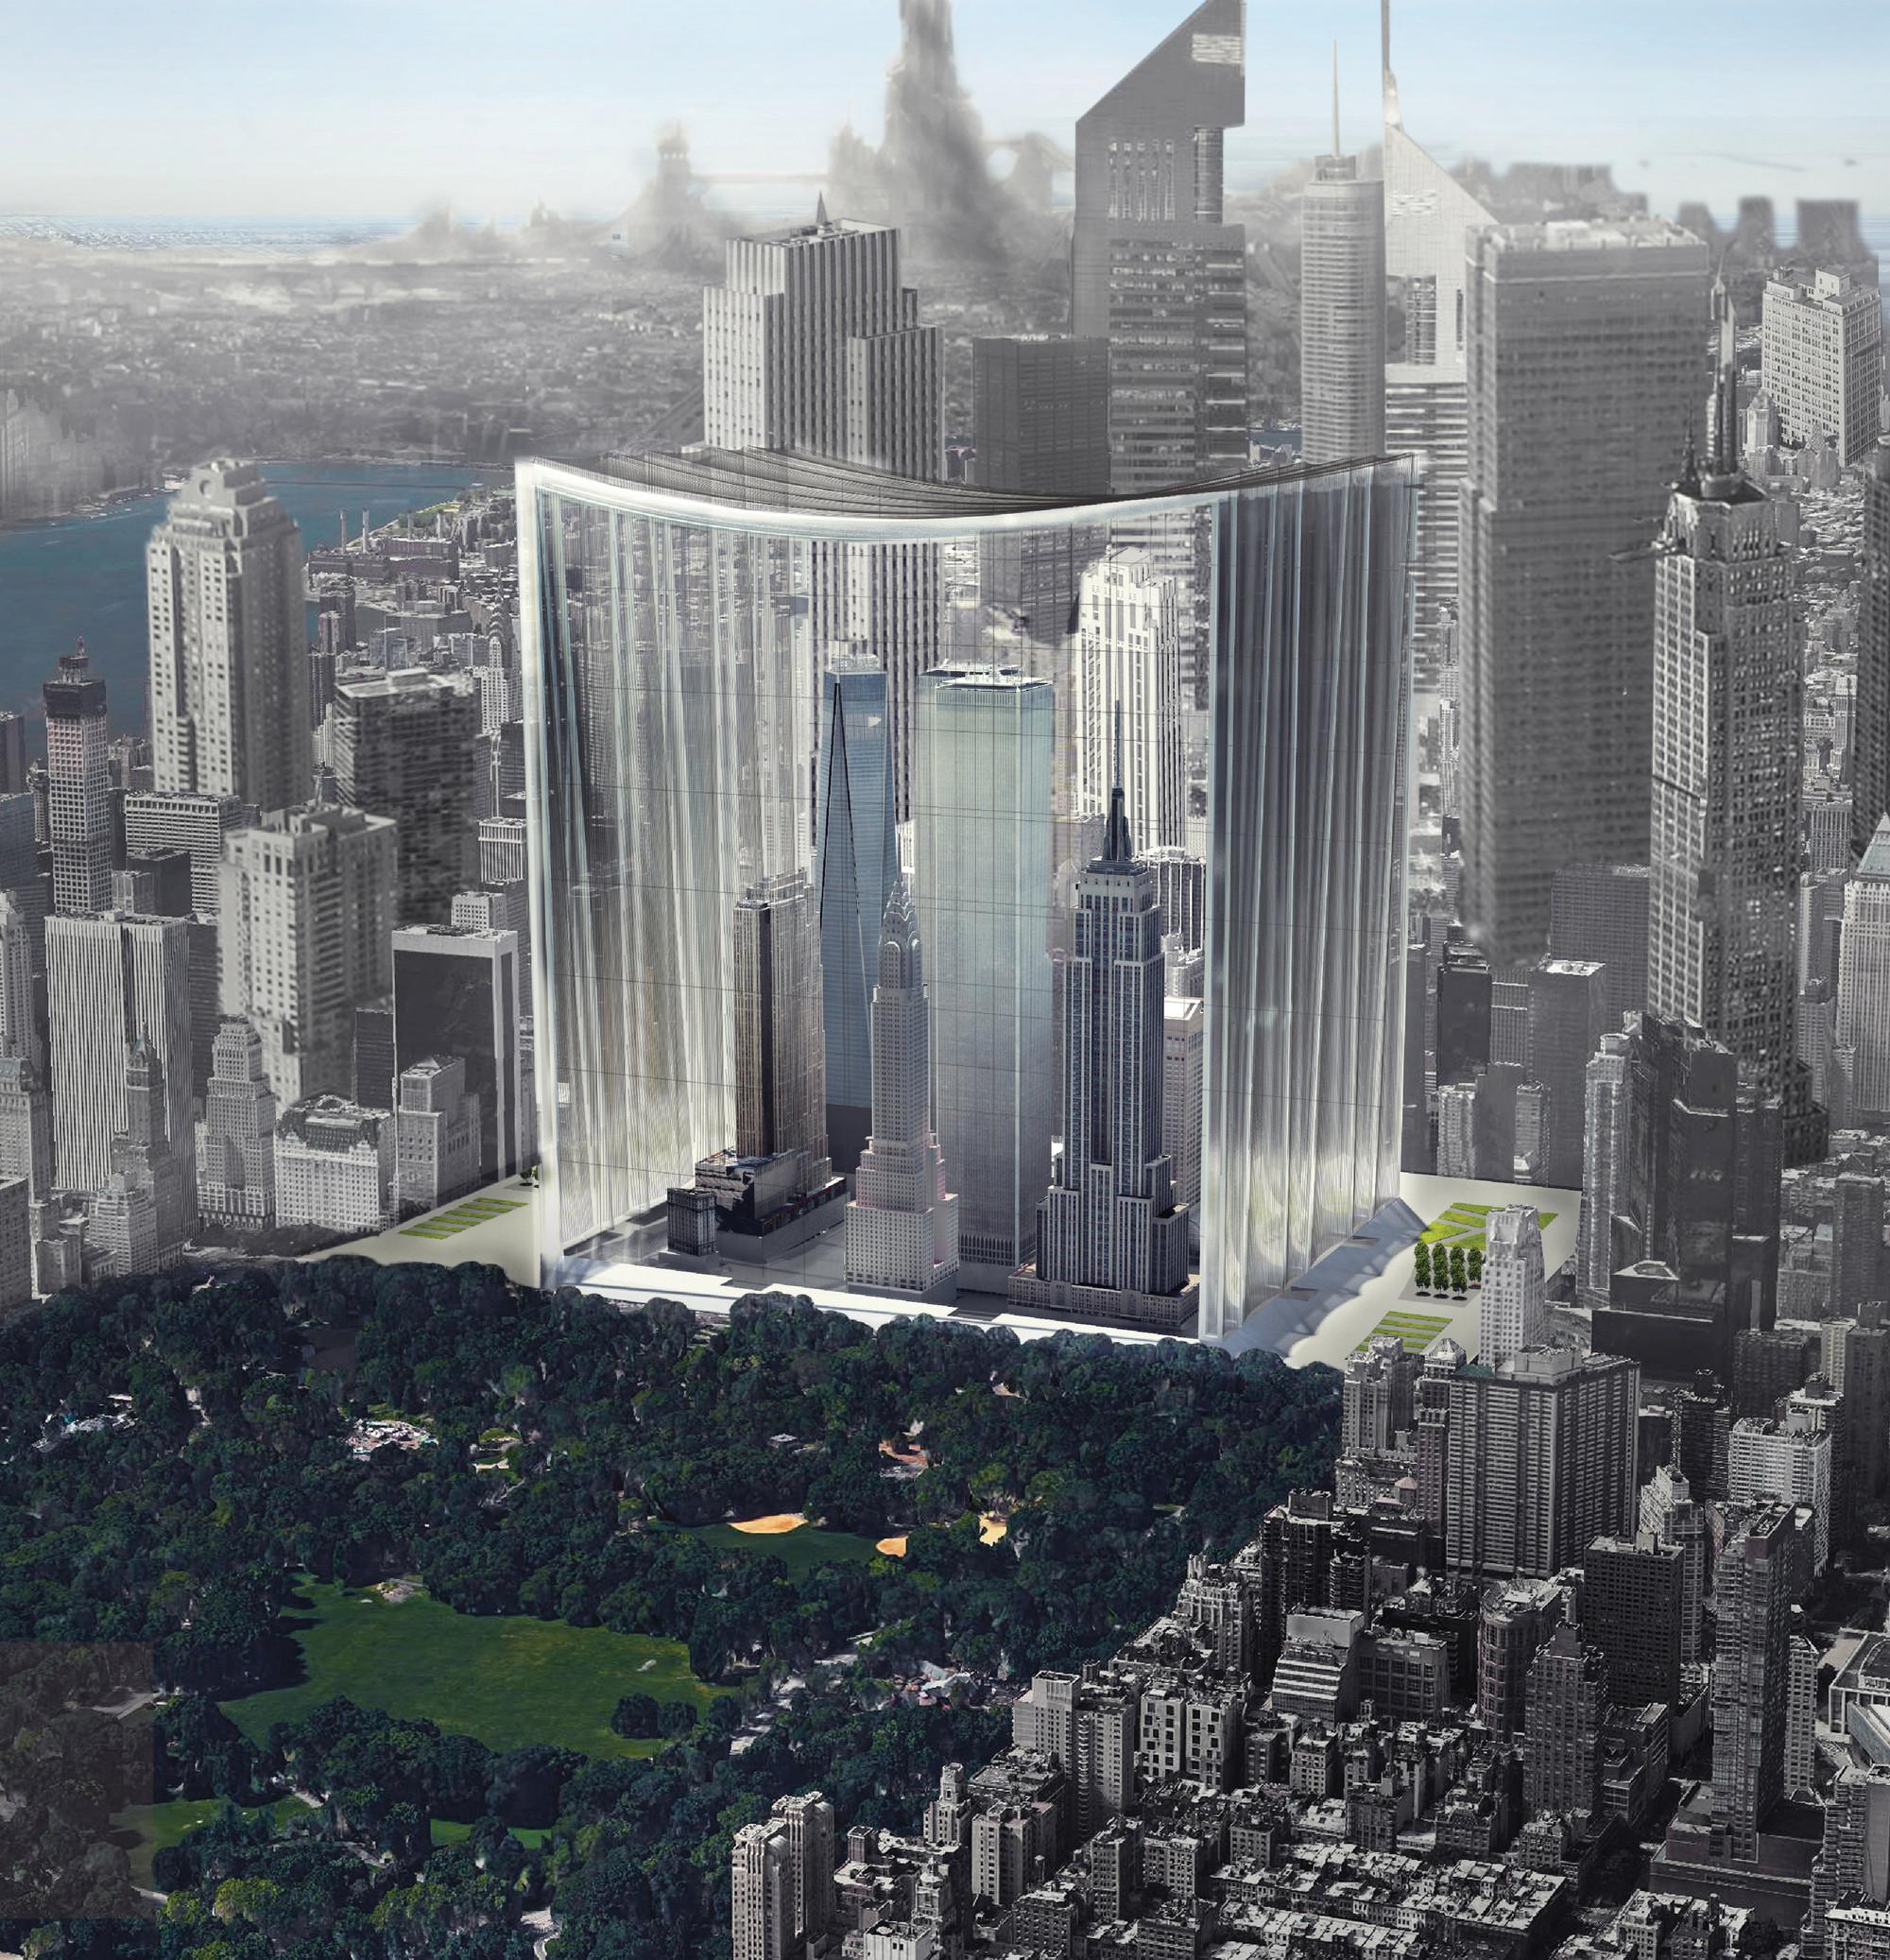 Elegy of Skyscrapers: Museum of Manhattan Skyscrapers / Yike Peng, Fan Wu, Youyi Wang. Imagen cortesía de eVolo